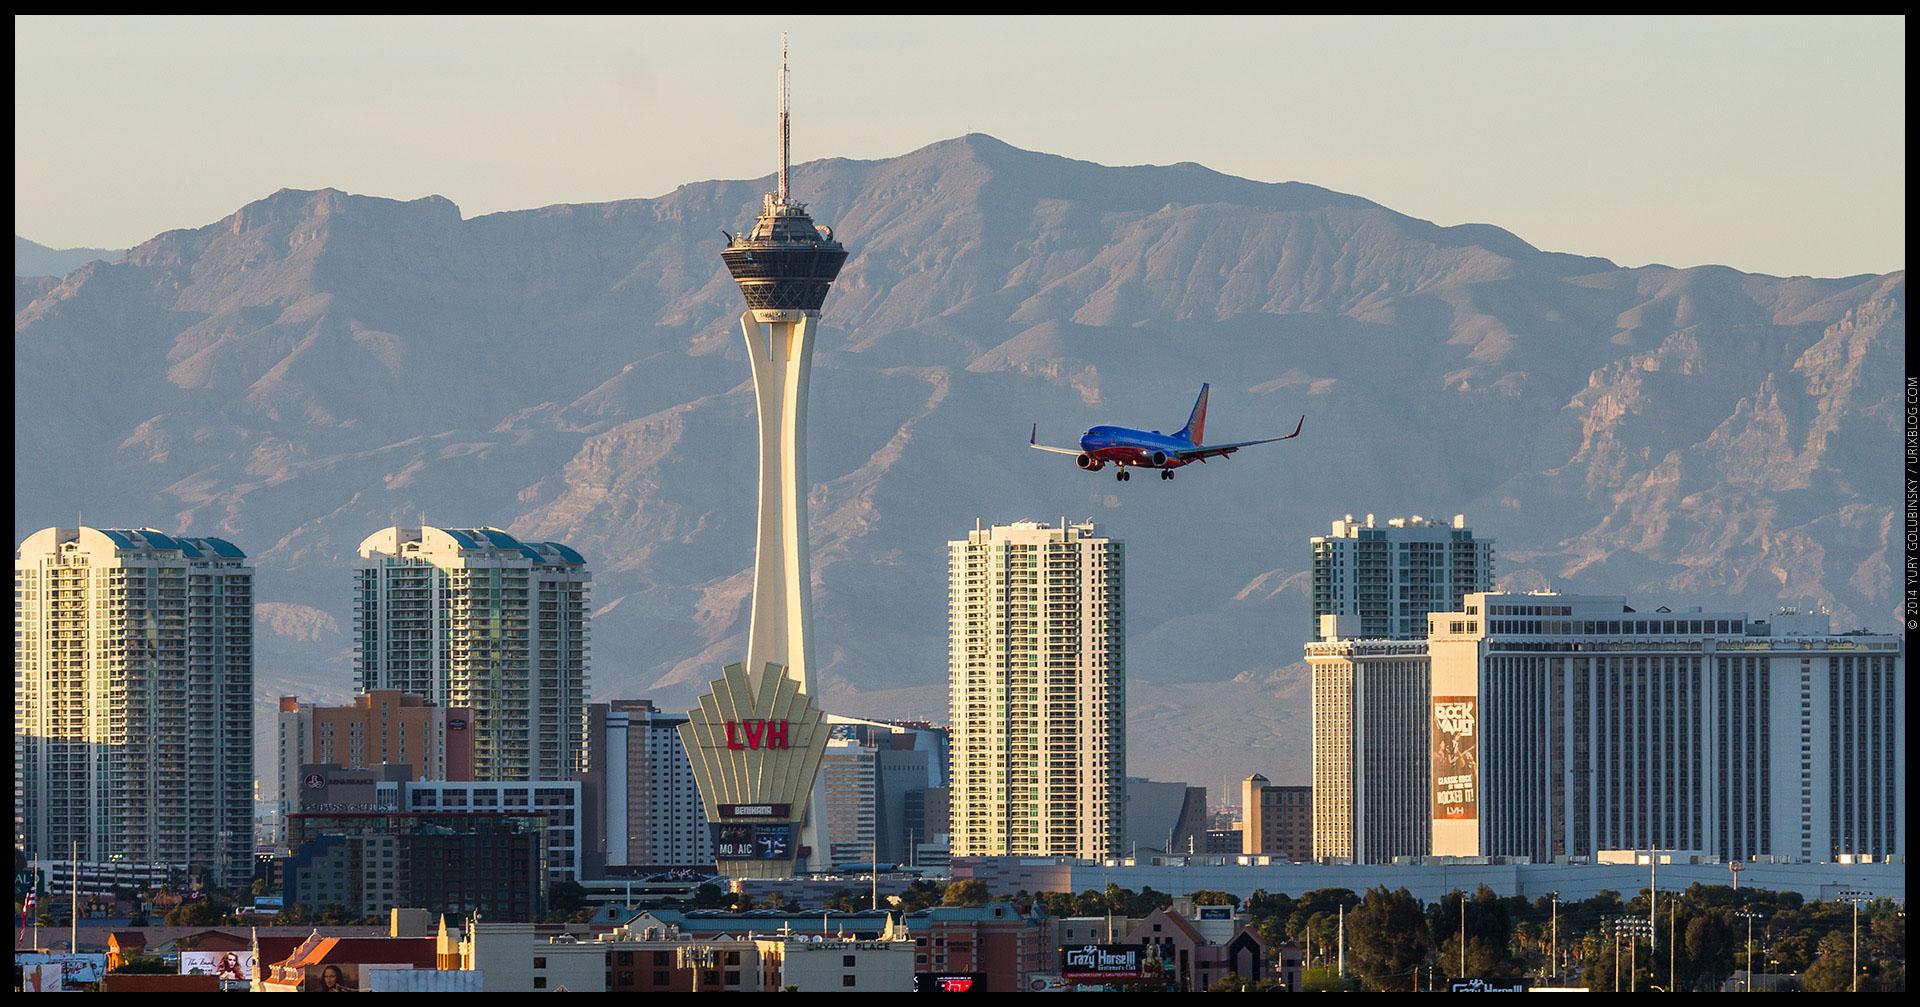 Stratosphere tower, casino, hotel, mountains, landing airplane, 2014, LAS, Las Vegas McCarran International airport, strip, LV, Clark County, USA, Nevada, panorama, horizon, city